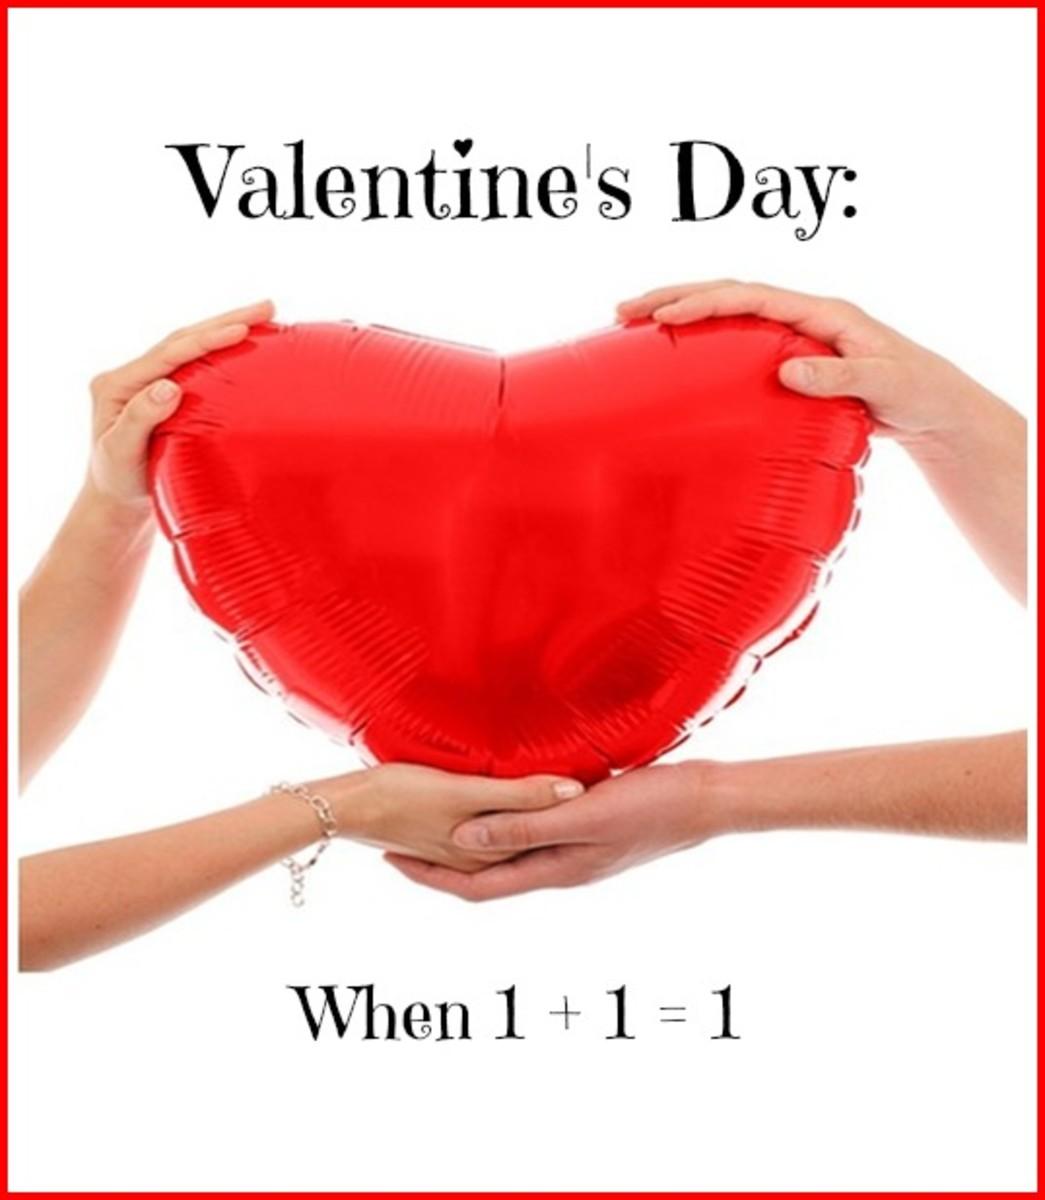 Valentine's Day Math Card